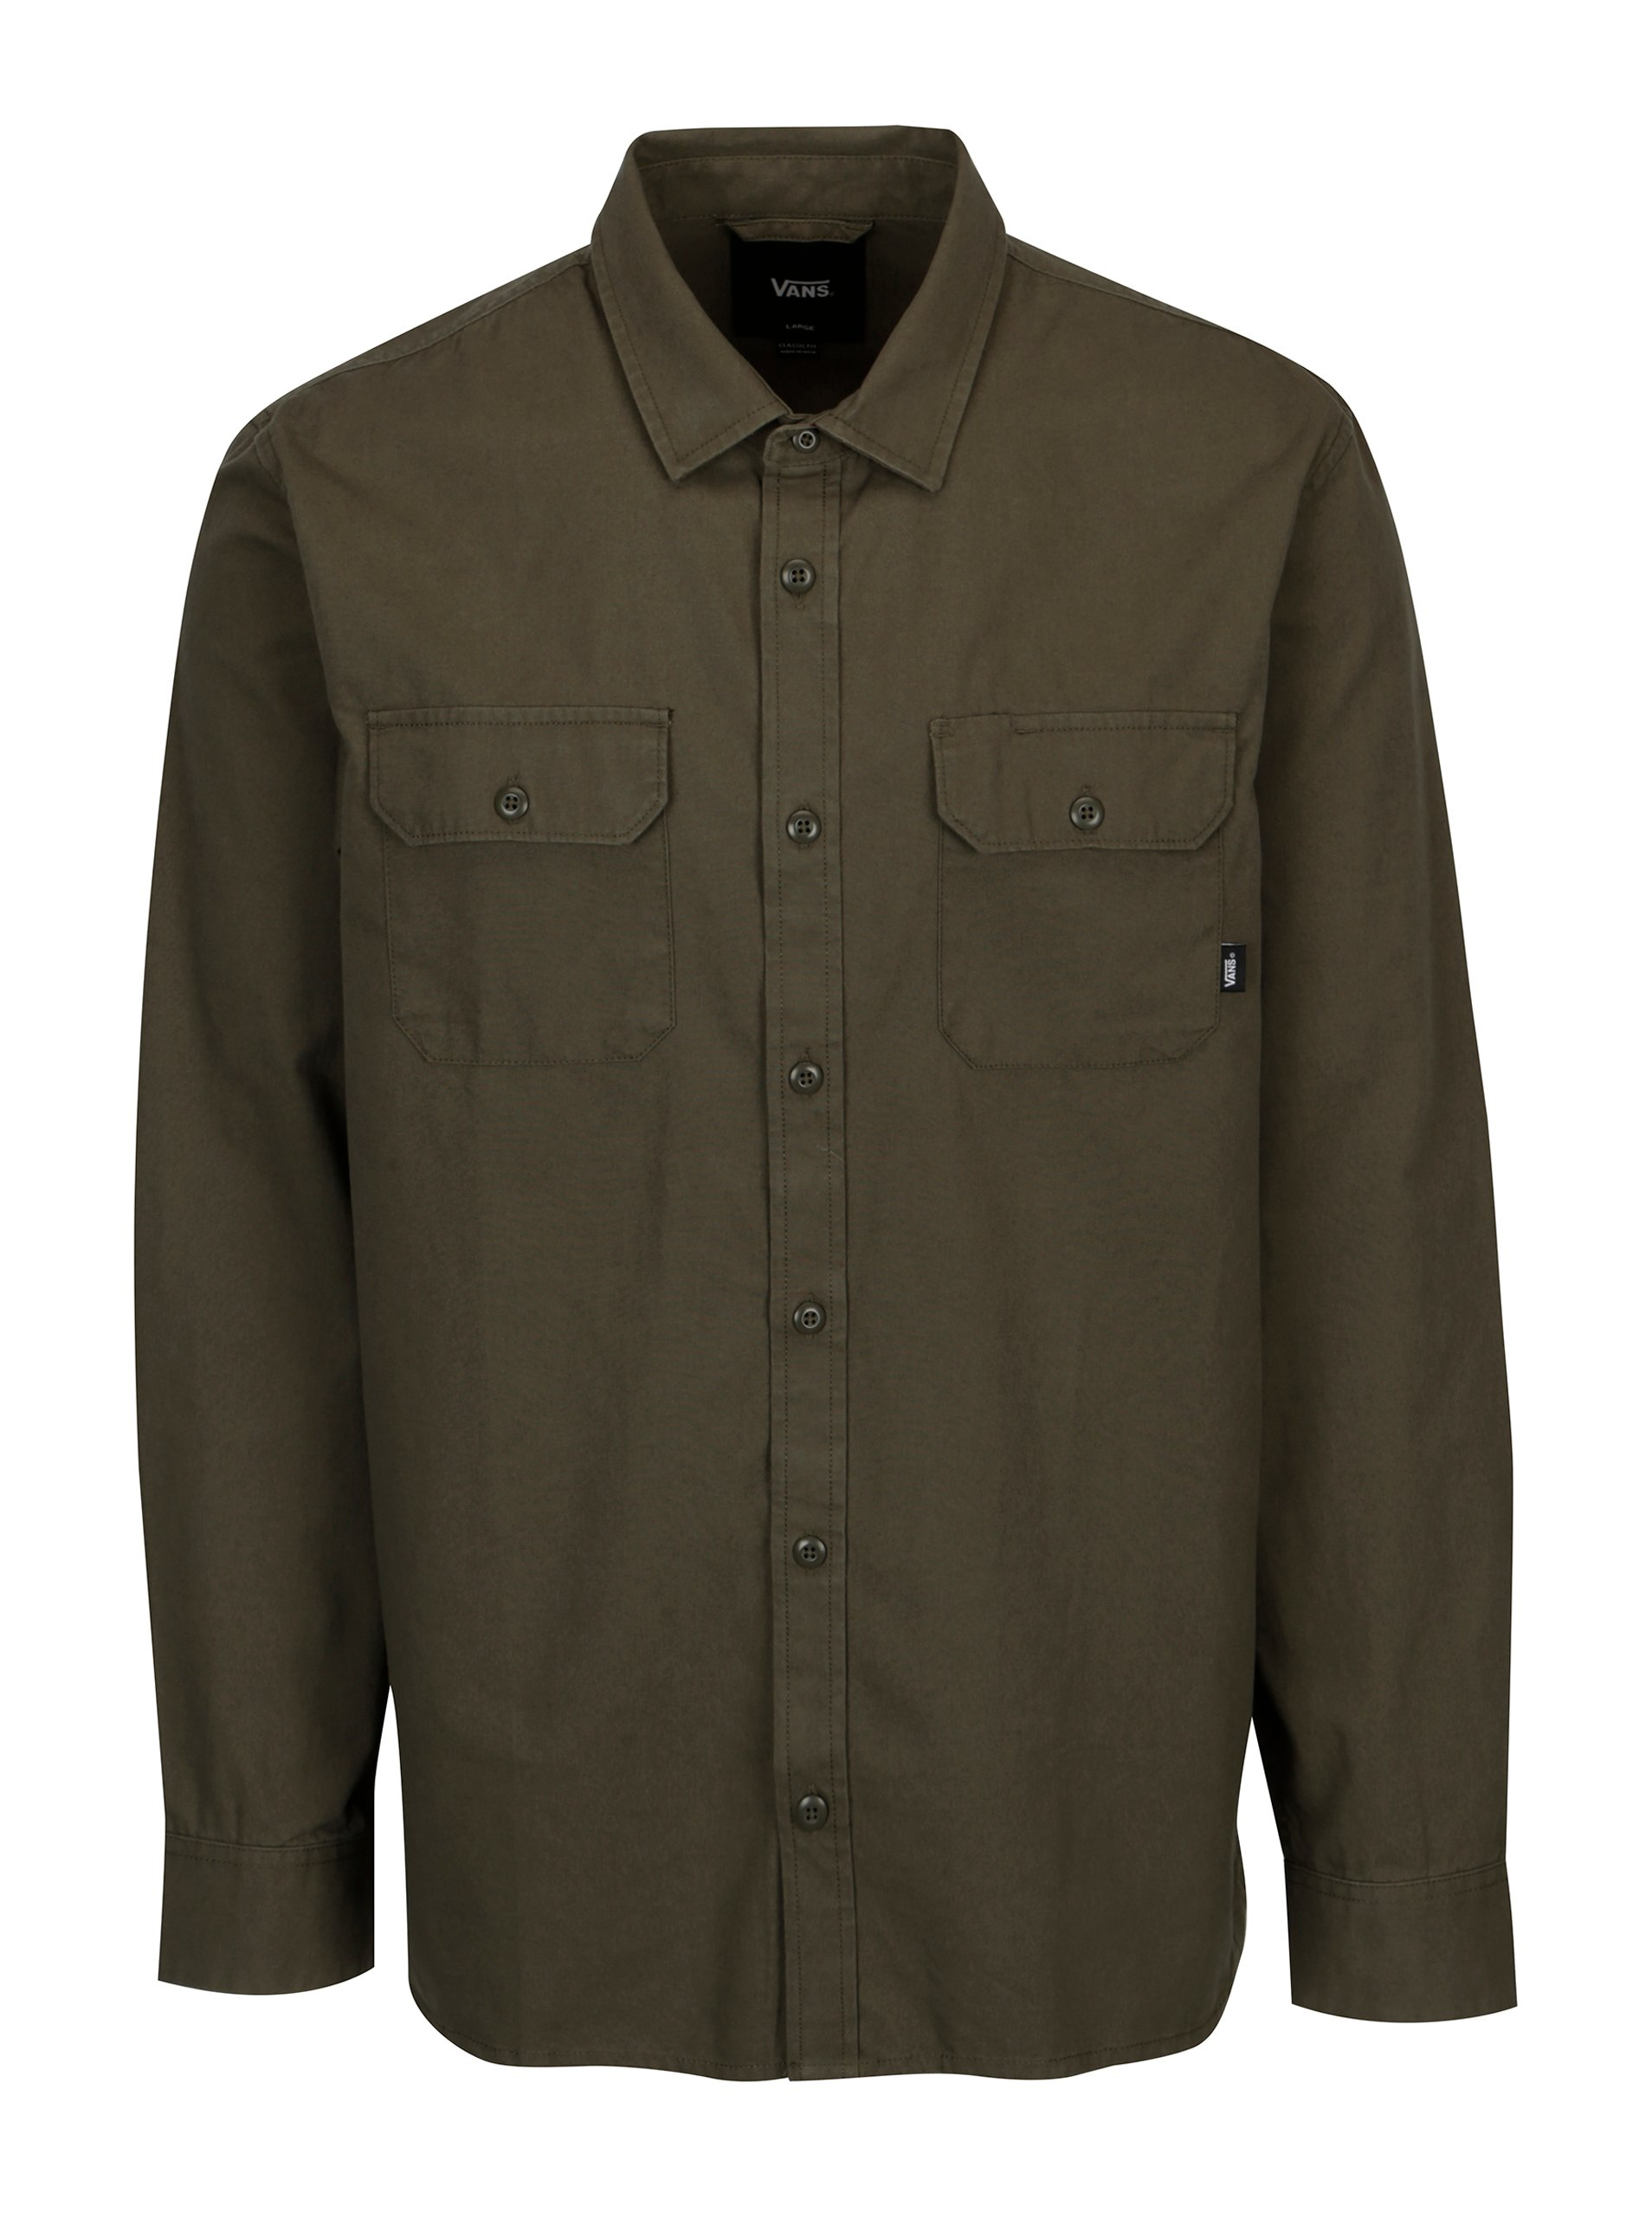 185417d274e Khaki pánská košile s motivem VANS Arlington